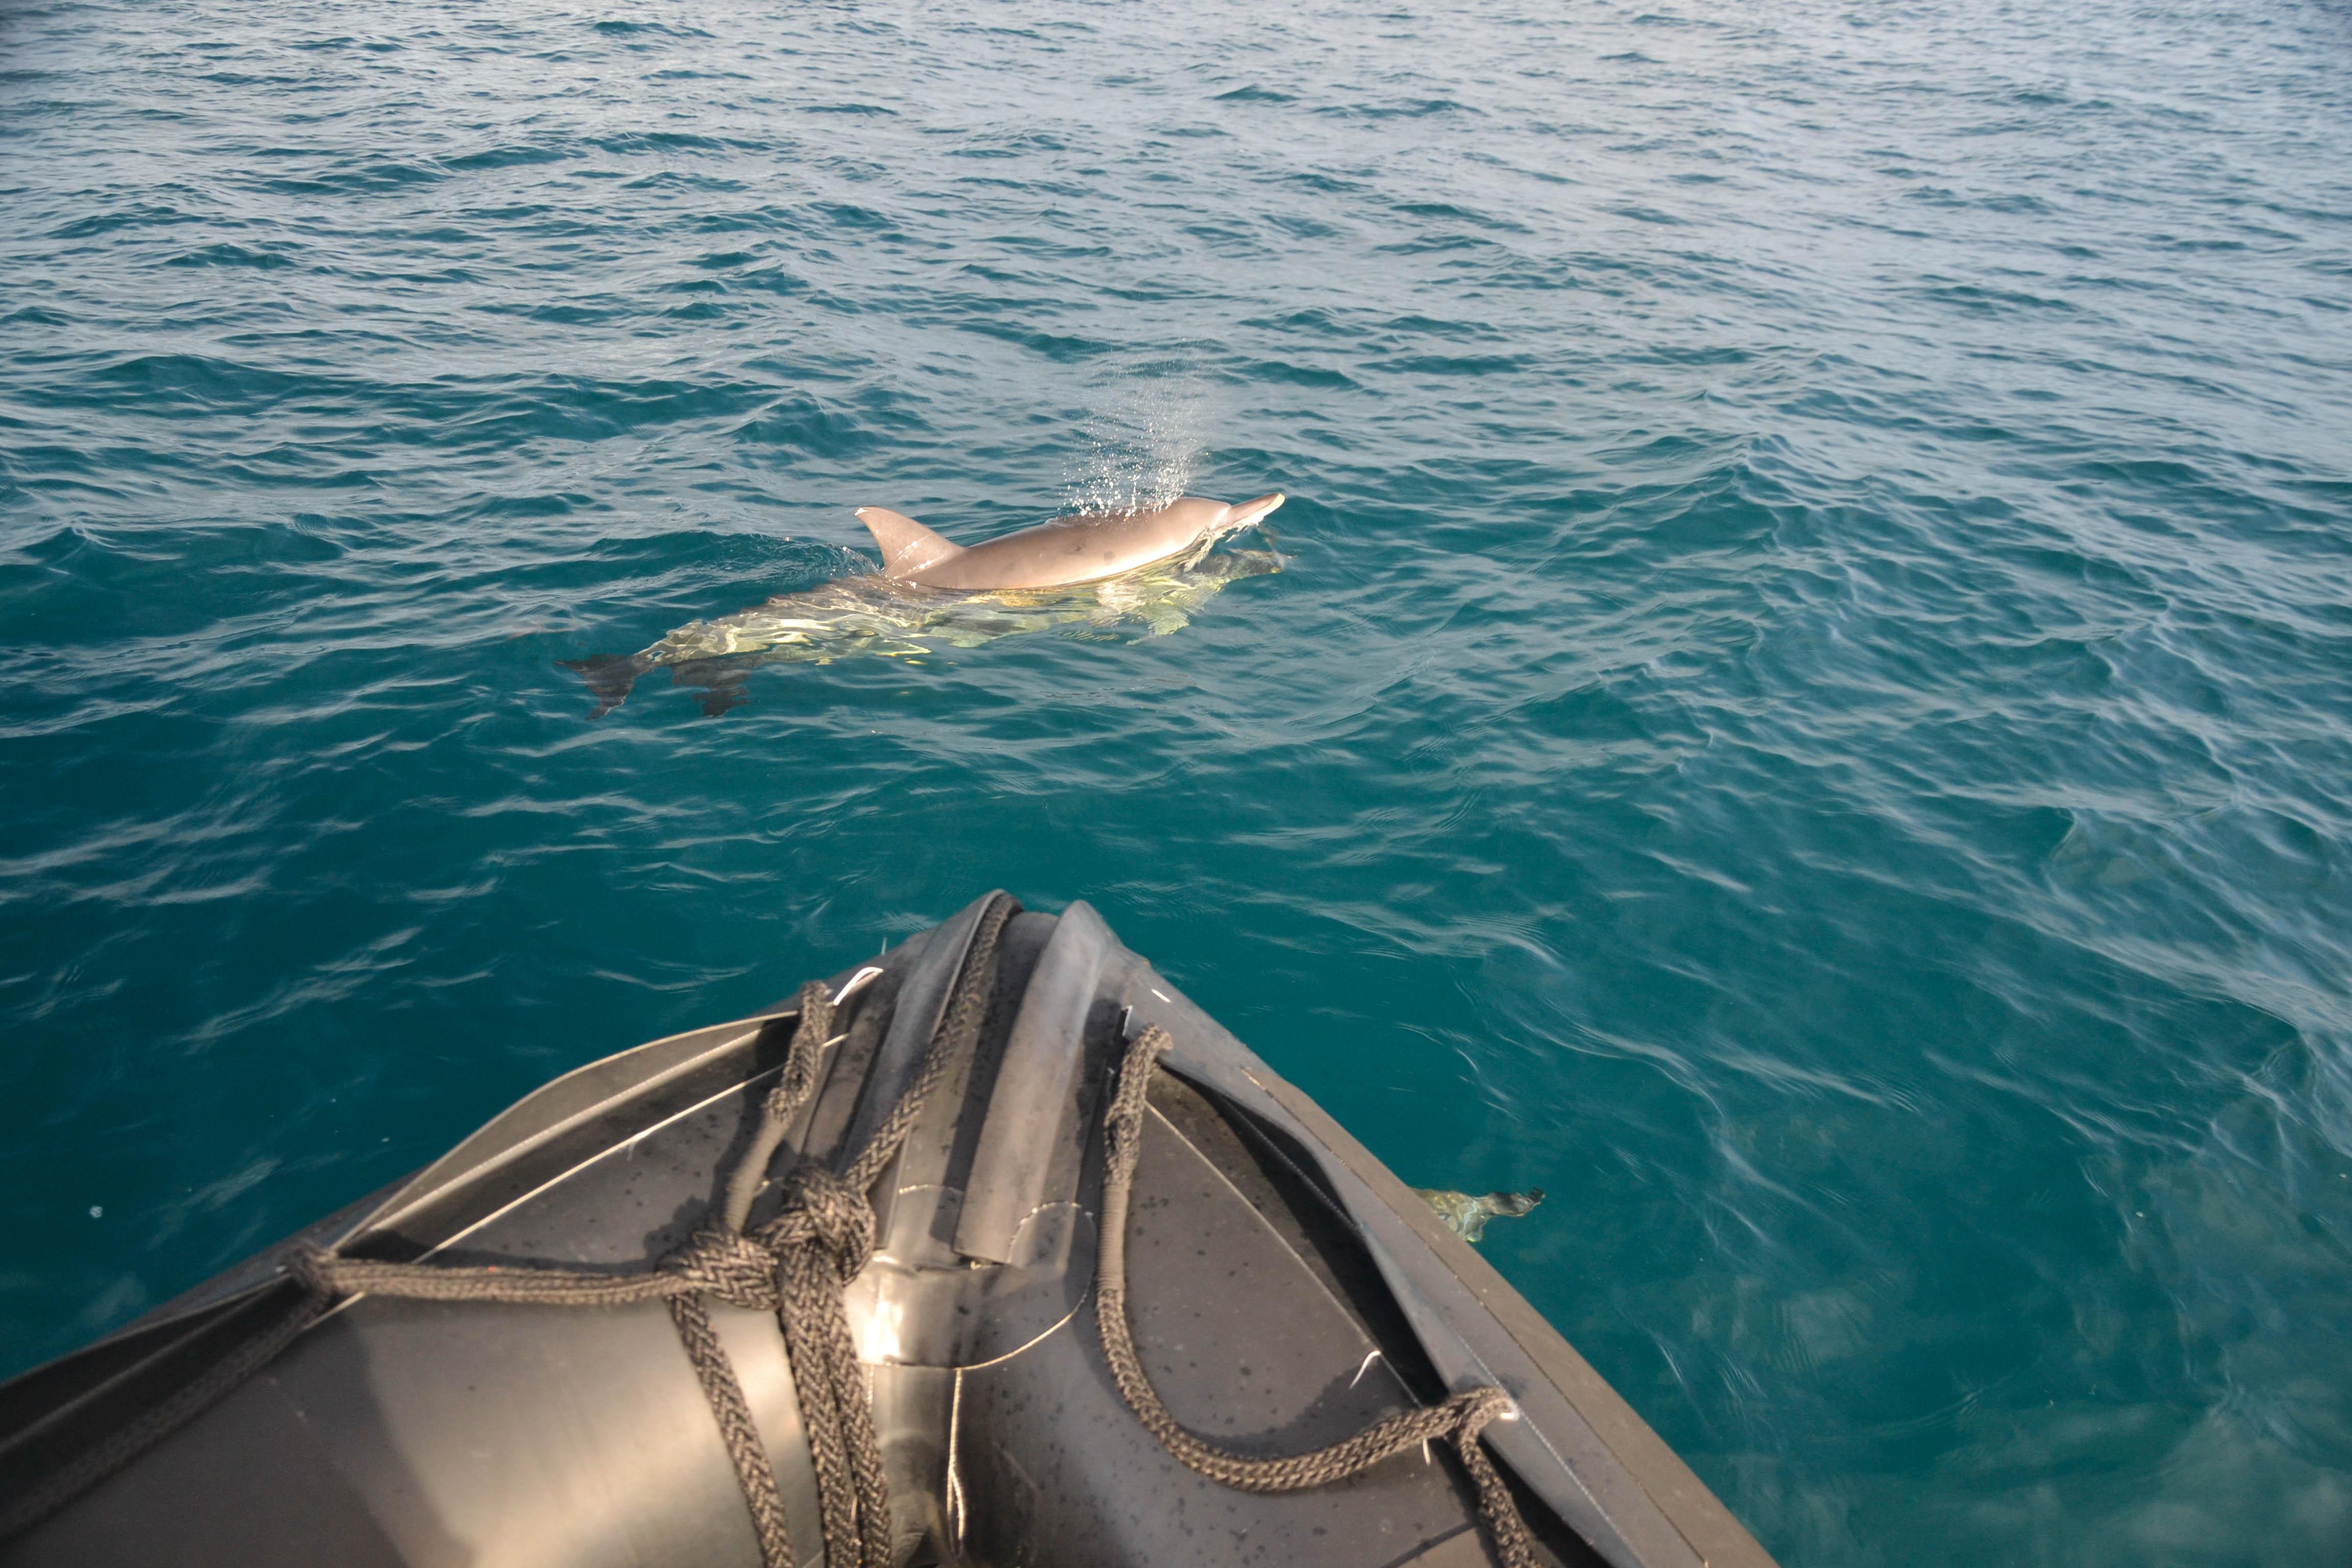 Rencontre avec les dauphins bretagne